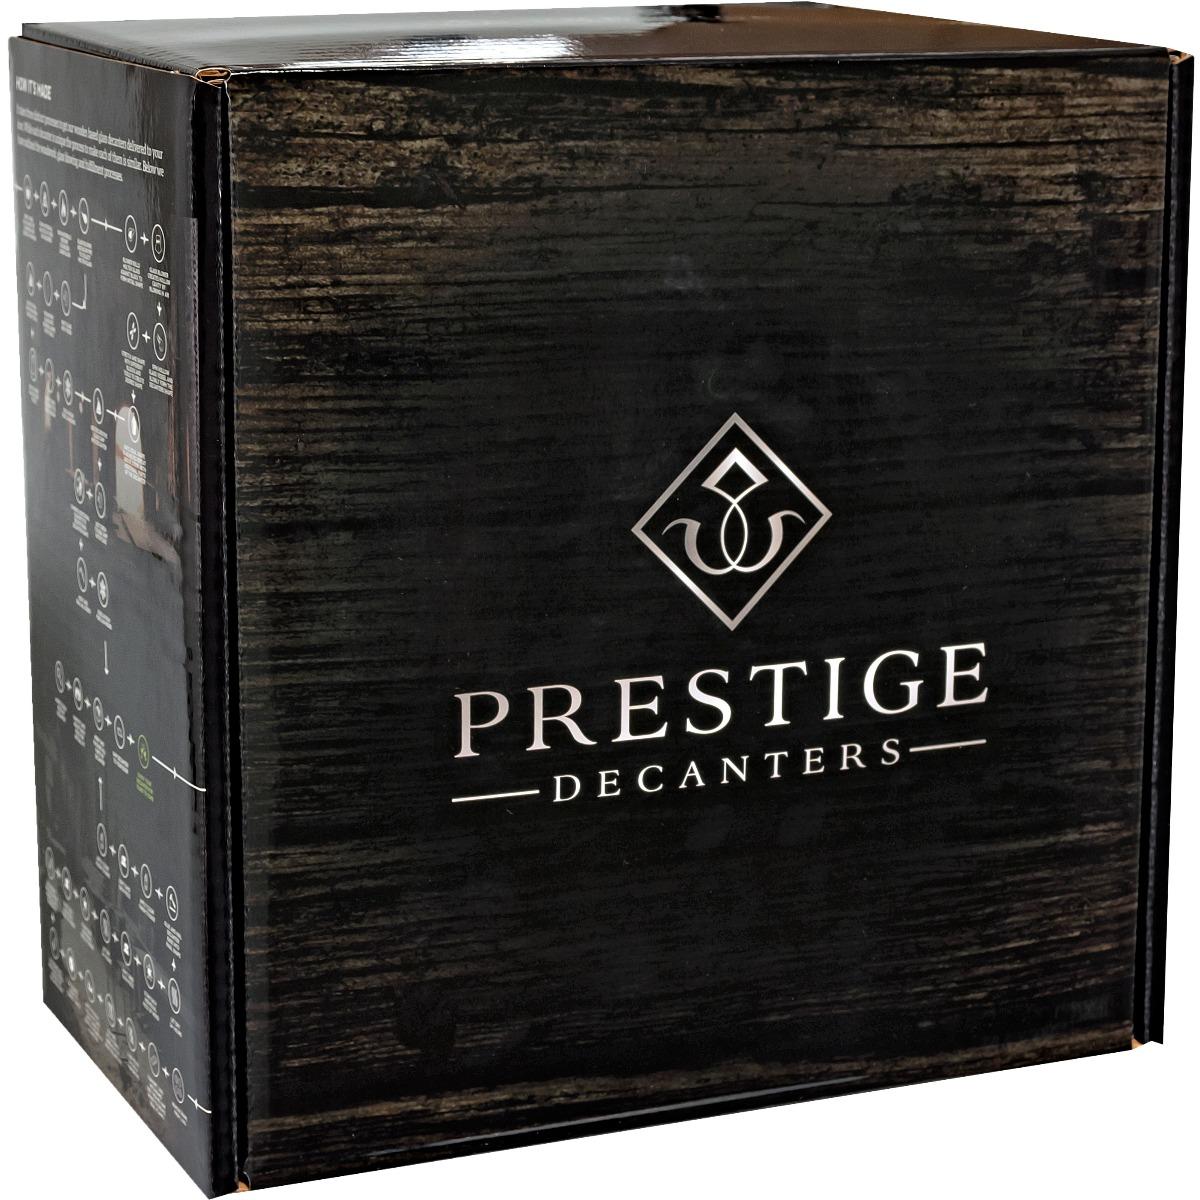 Prestige Decanters C-130 Decanter in a box